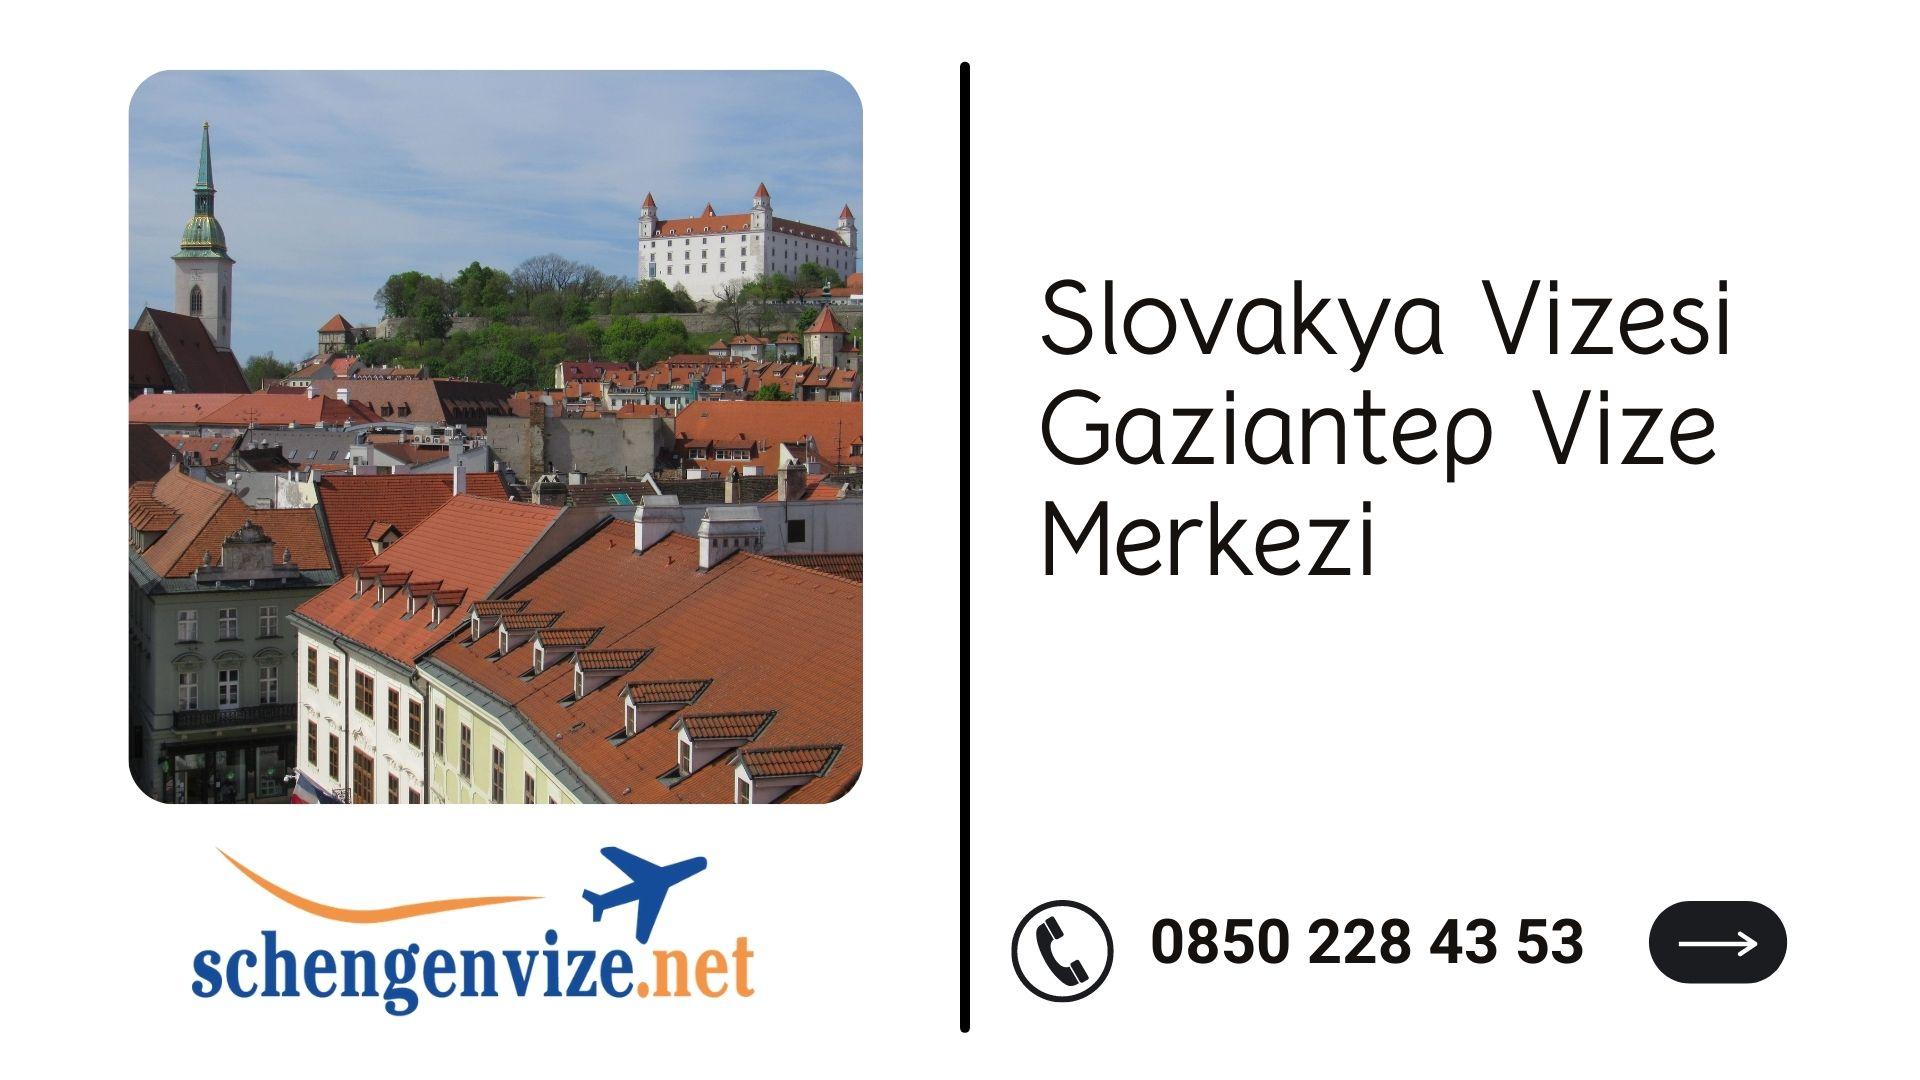 Slovakya Vizesi Gaziantep Vize Merkezi